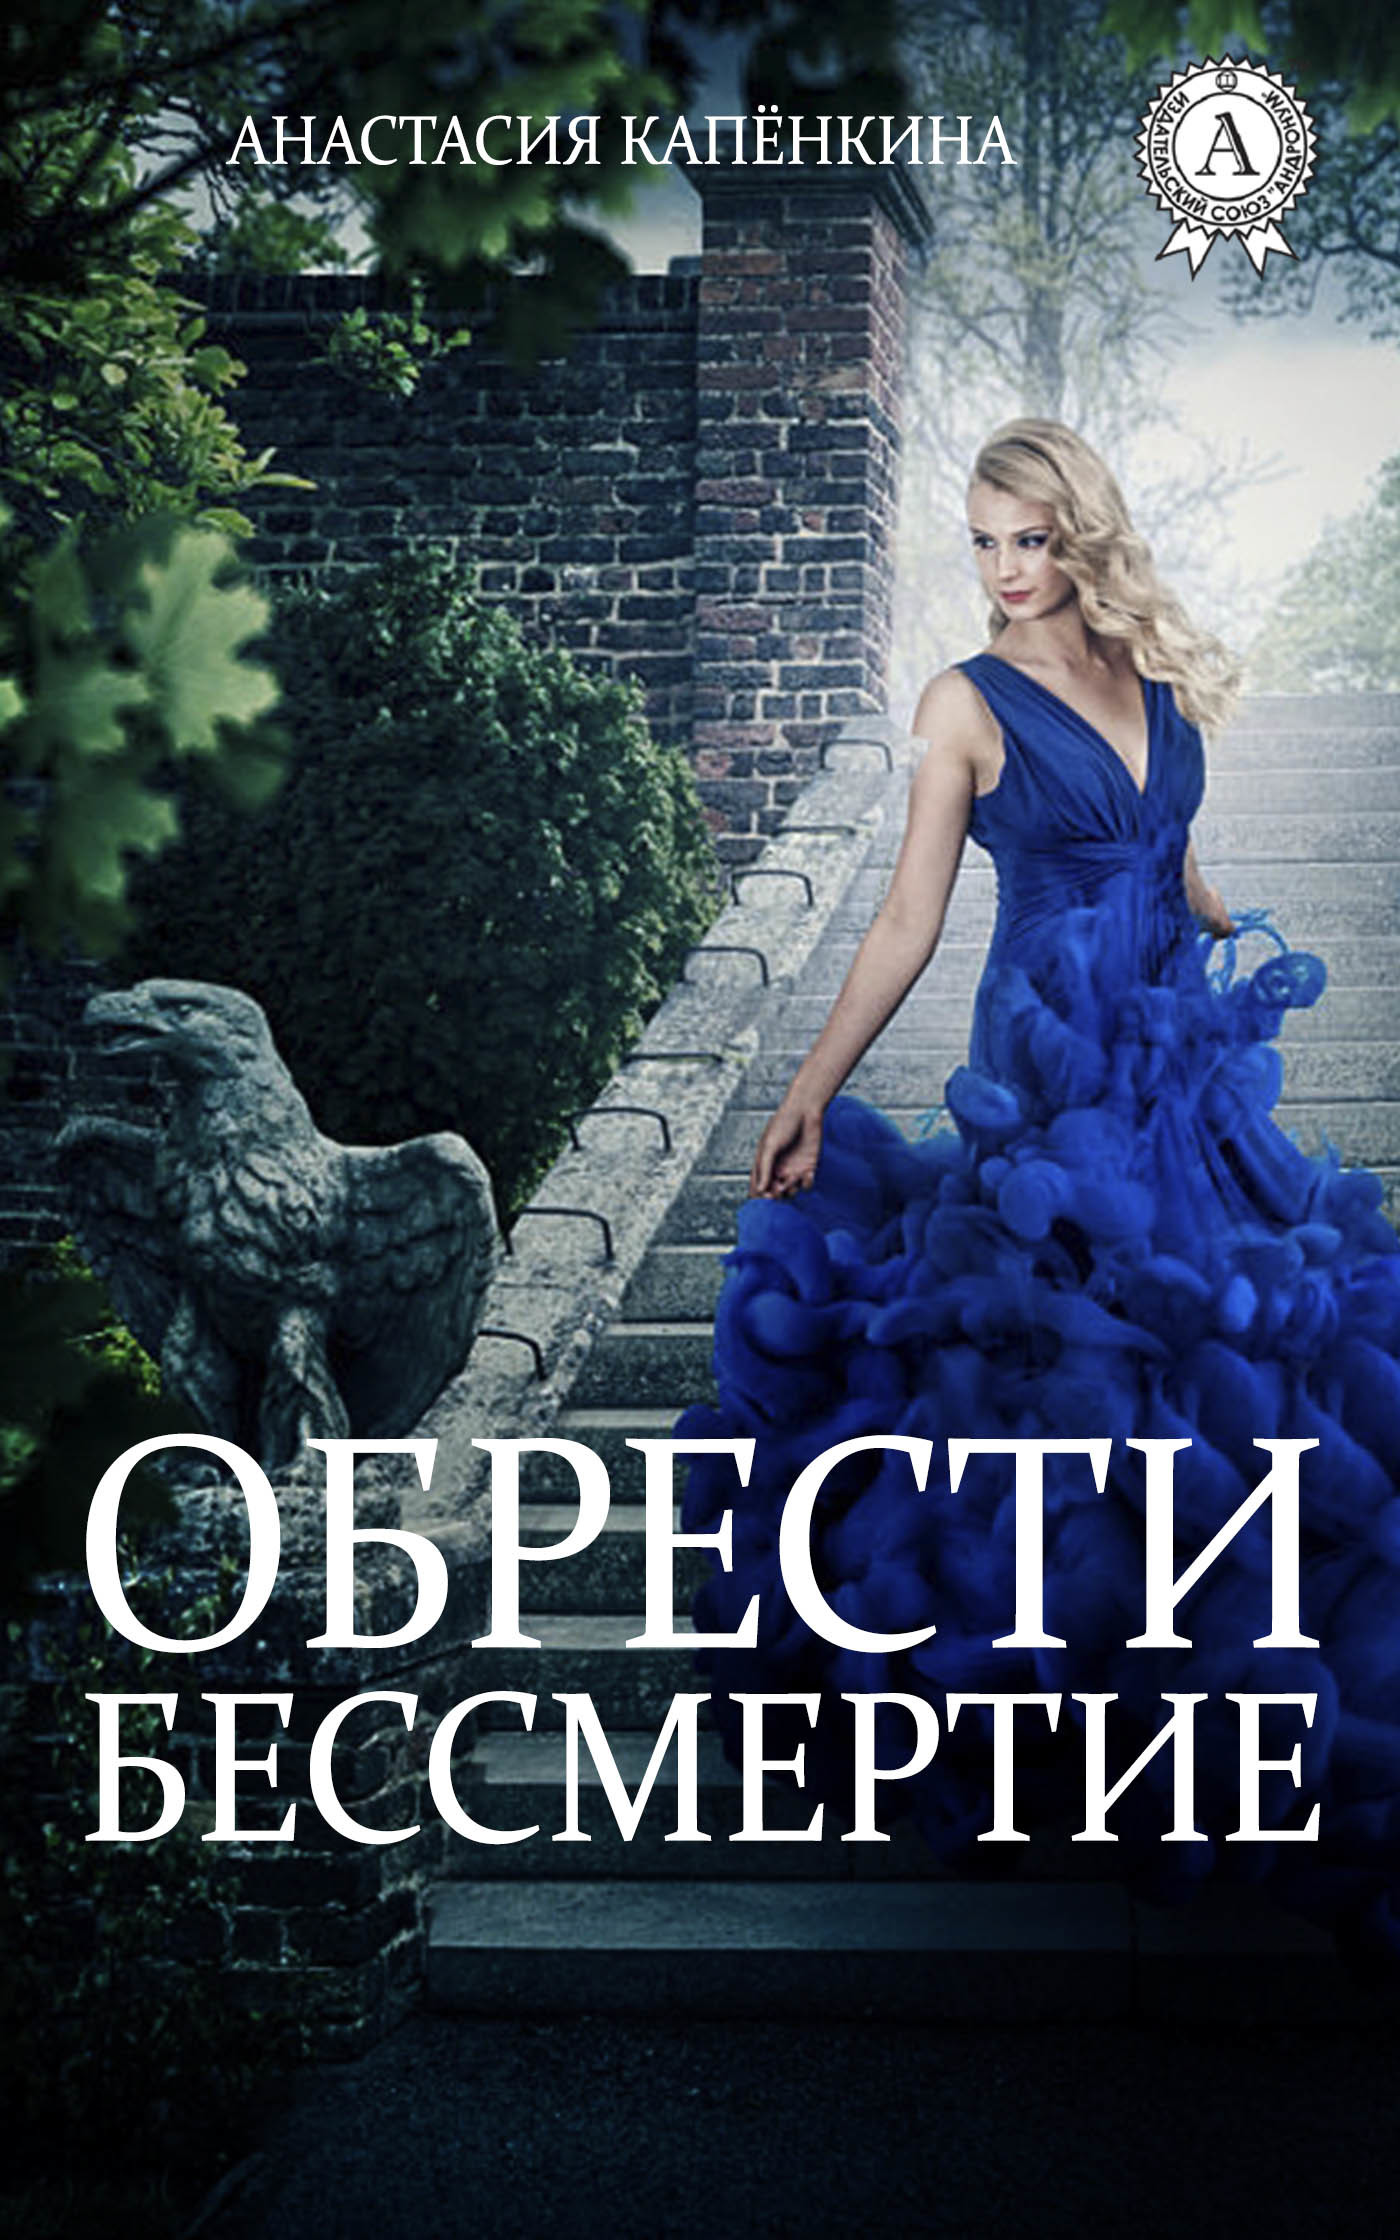 Анастасия Капёнкина - Обрести бессмертие